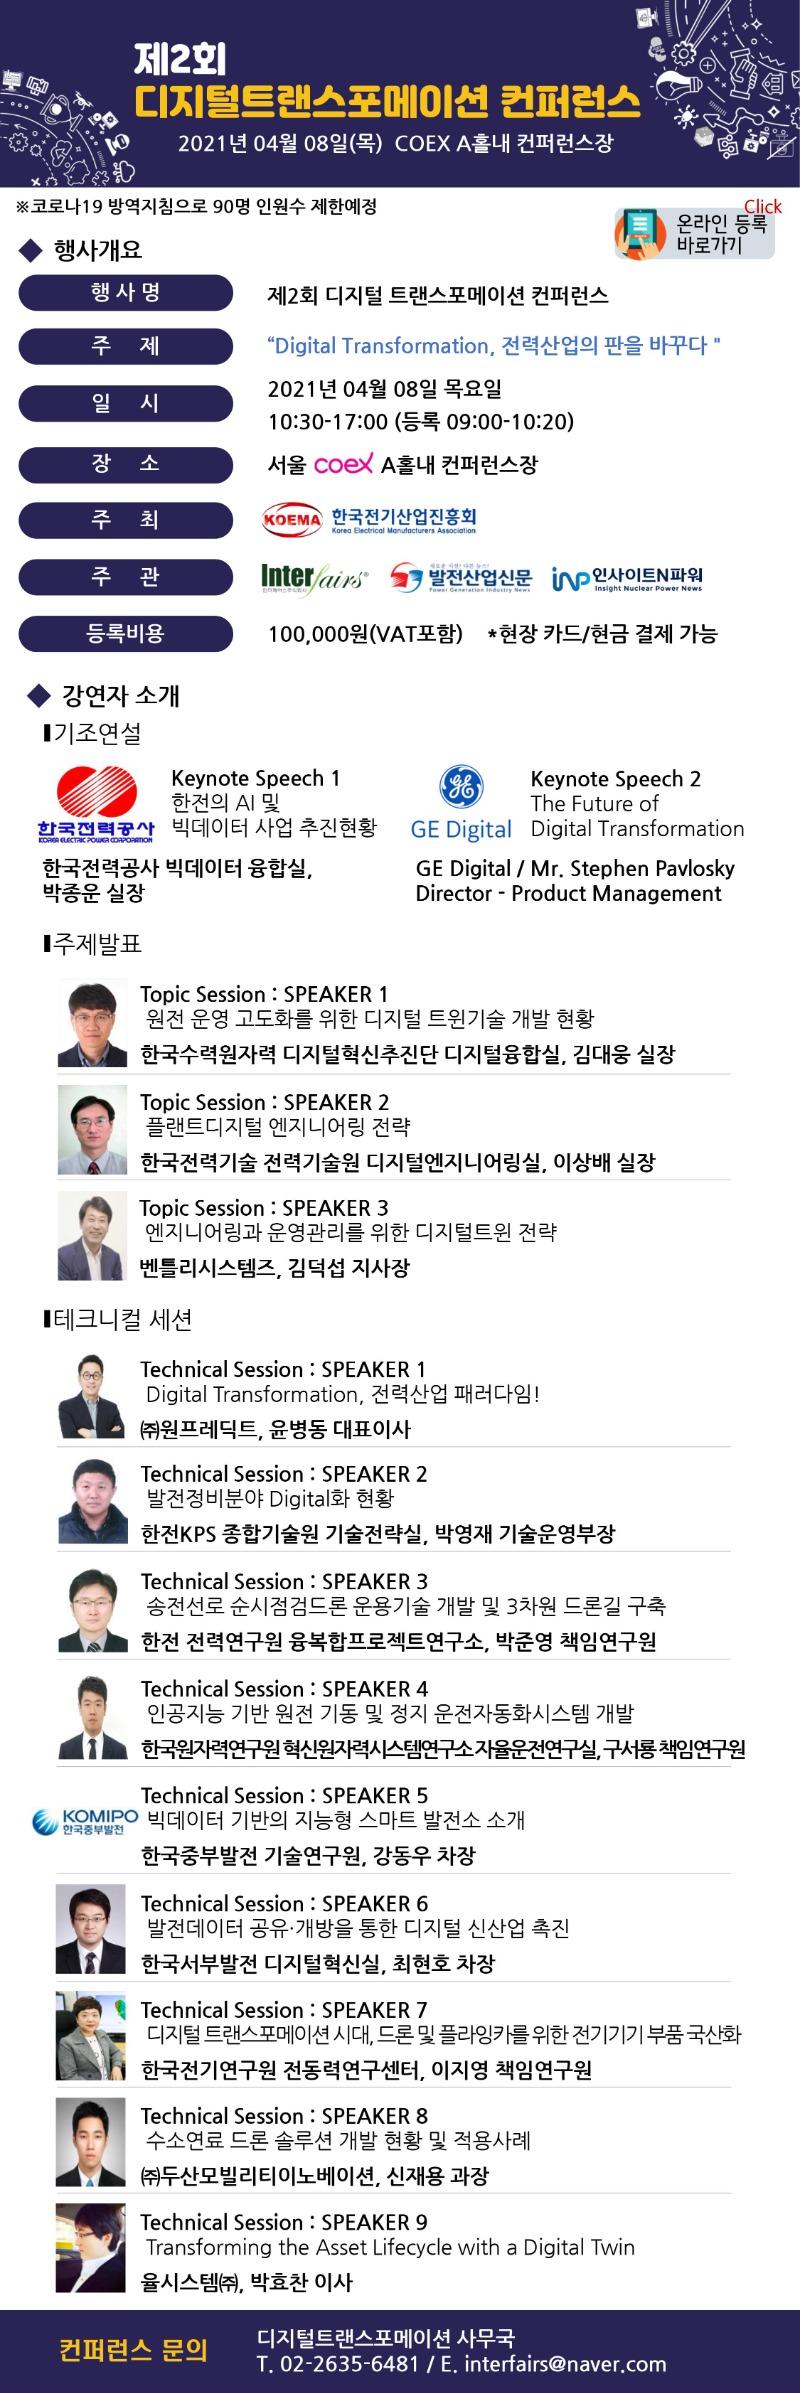 컨퍼런스 등록안내_연사소개_210325.jpg